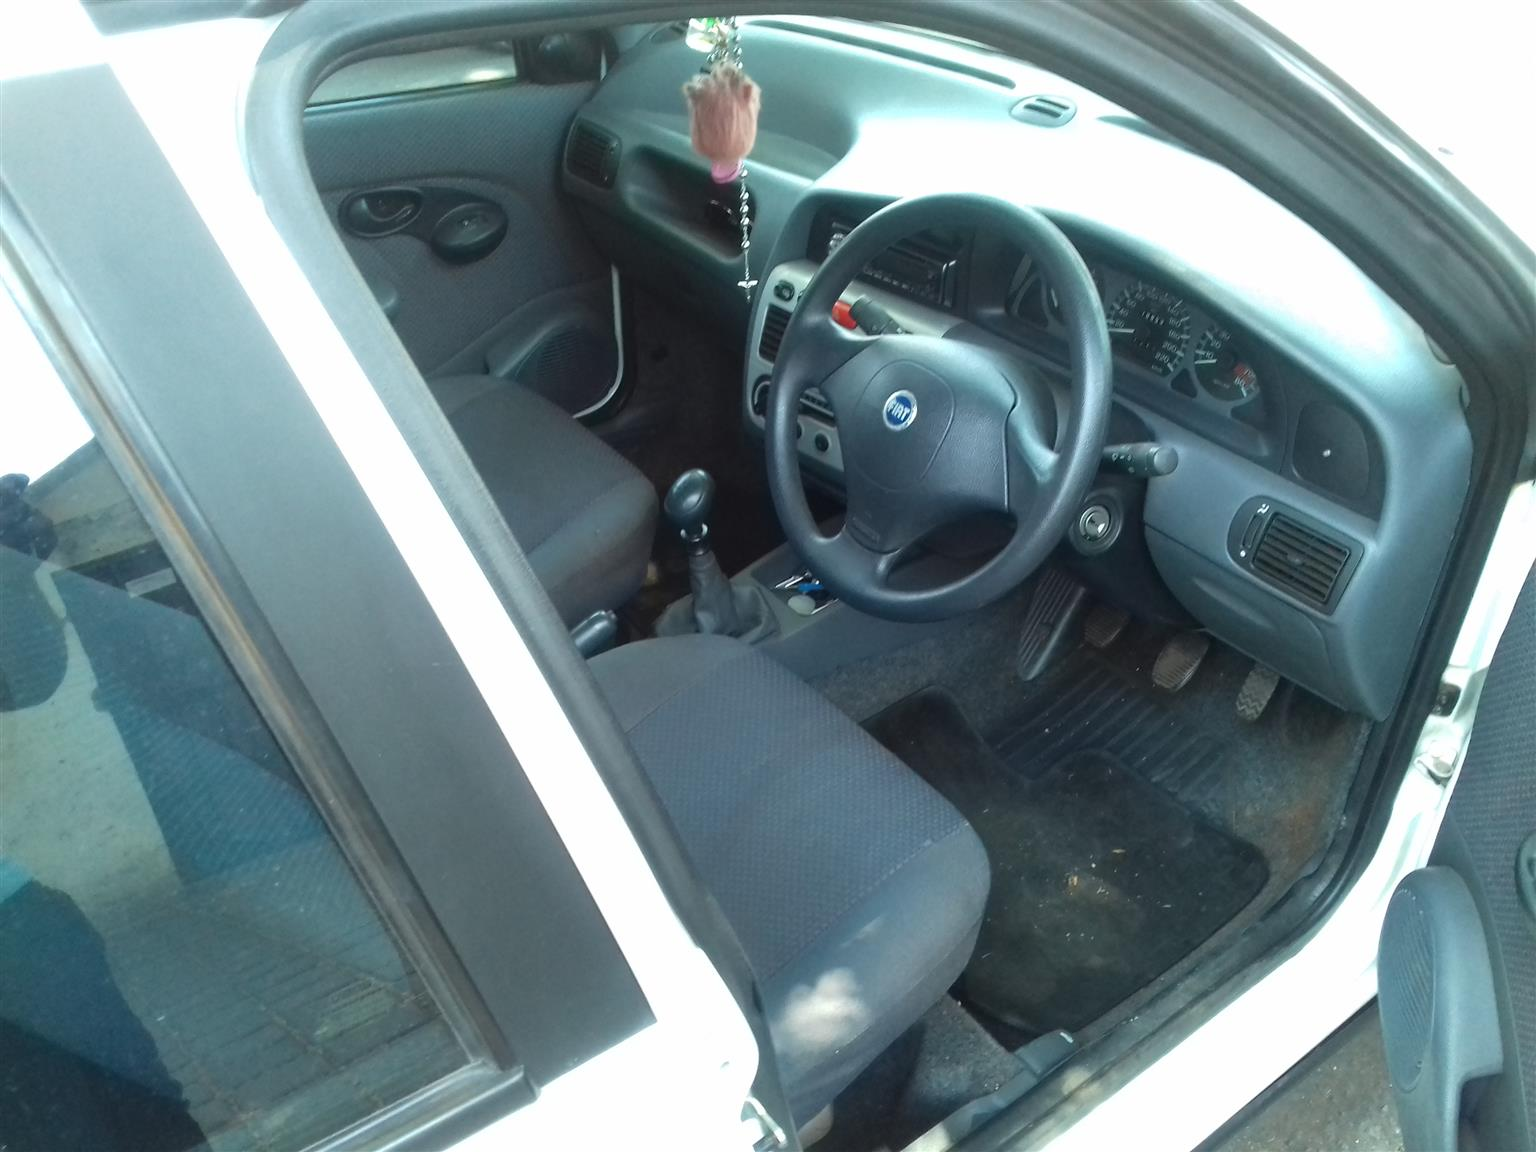 2007 Fiat Palio 1.2 EL 5 door